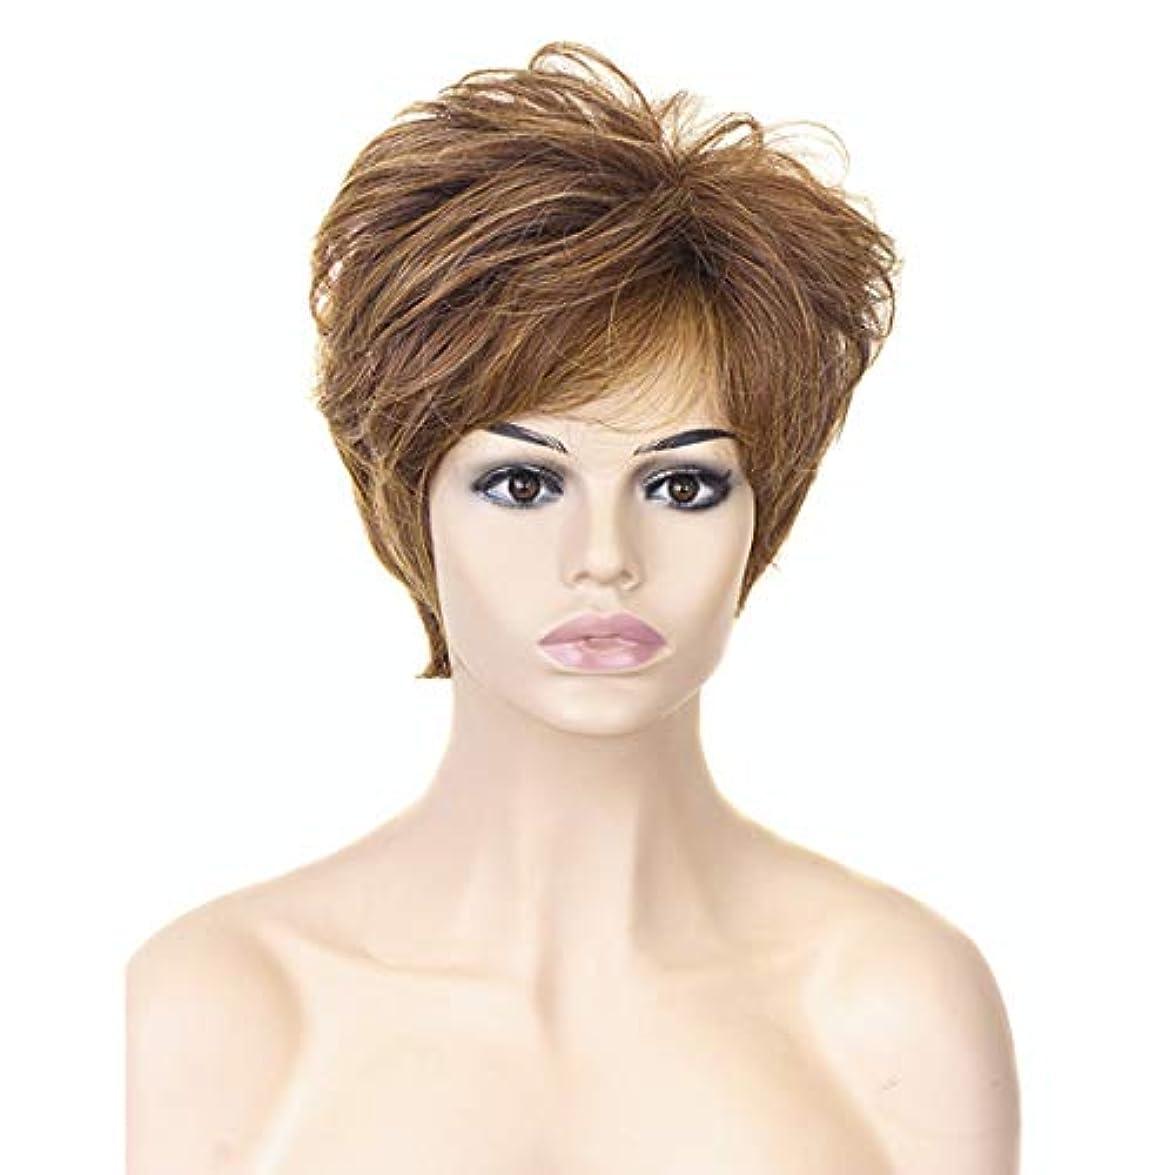 取るに足らない氏航海のYOUQIU 女性の耐熱ウィッグナチュラルヘアウィッグのためのブロンド10